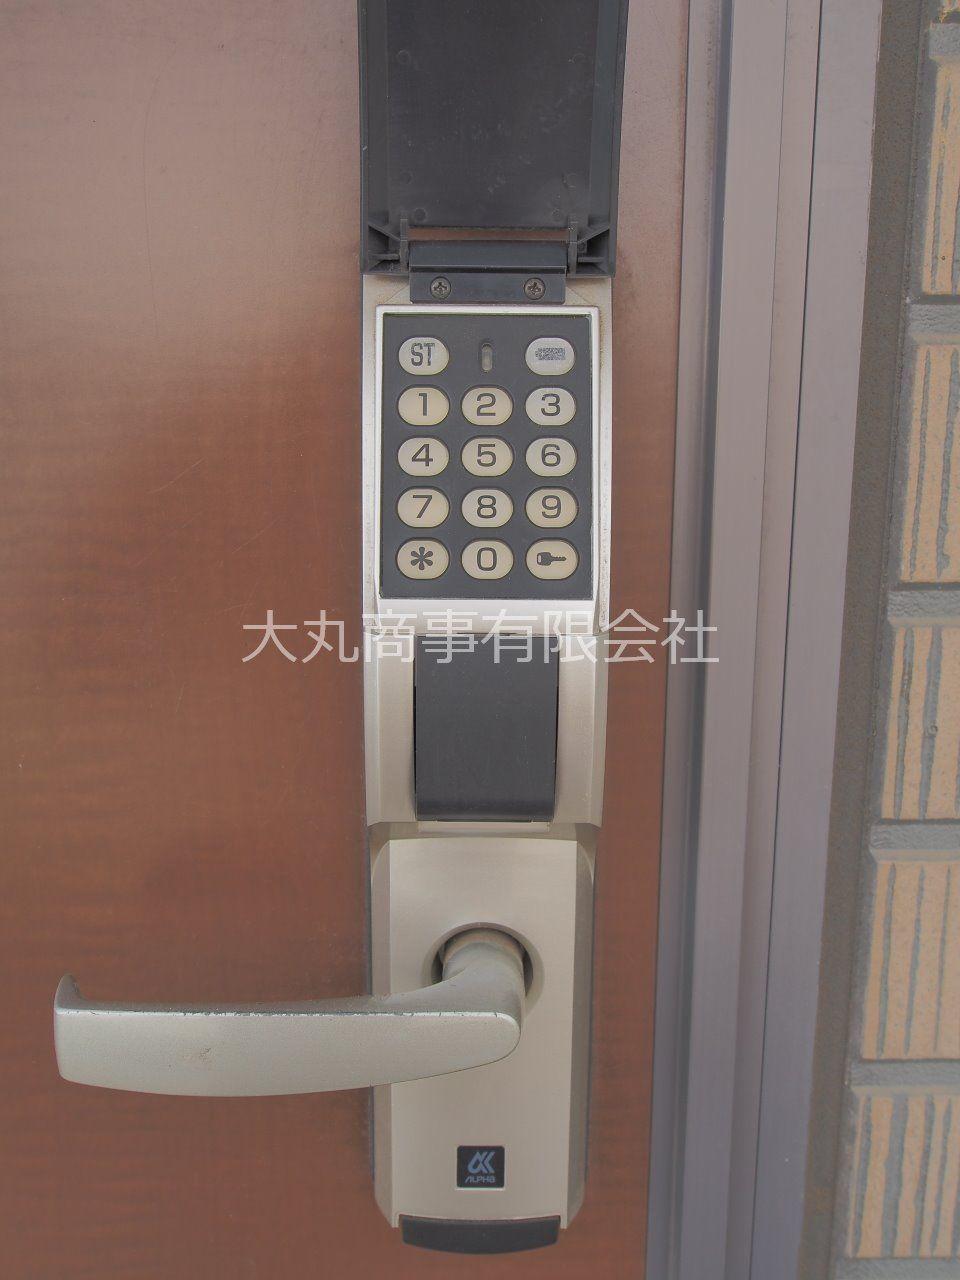 株式会社アルファ社製の暗証番号式玄関錠、EDロック